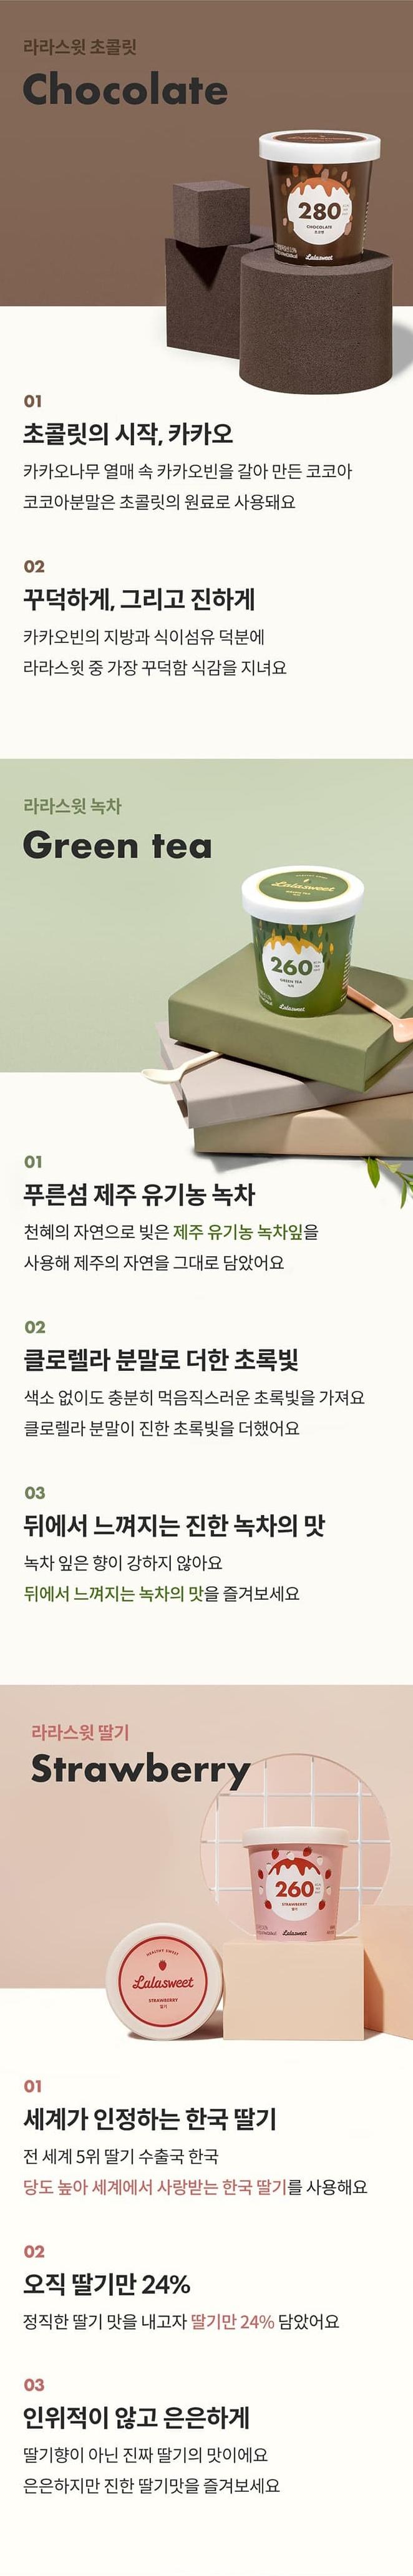 라라스윗 아이스크림  체험단 모집 (11.26~12.09)